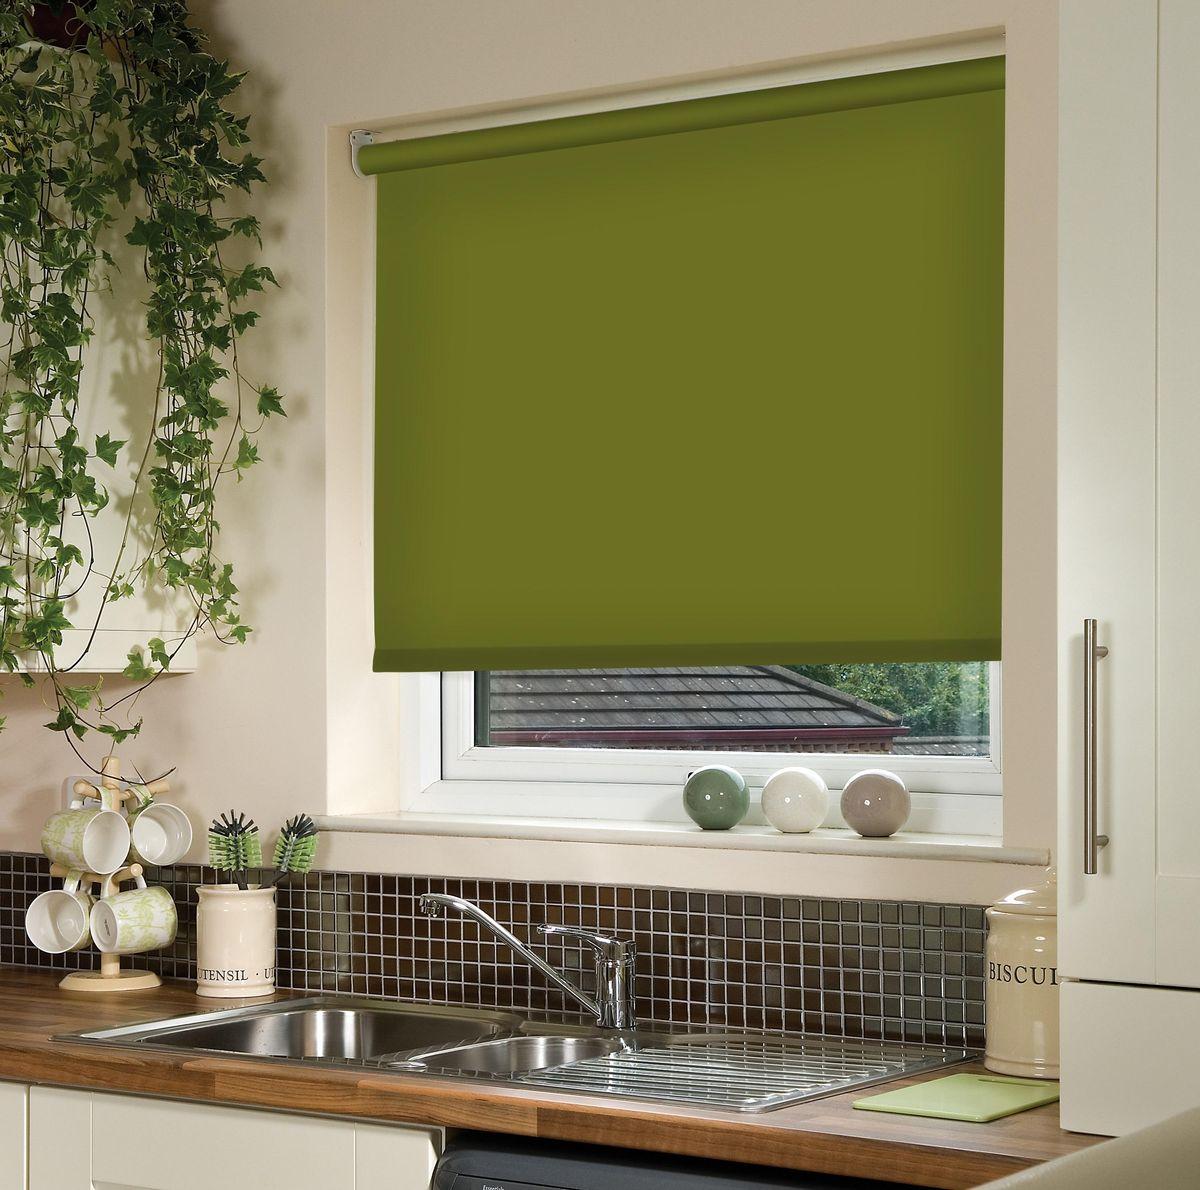 Штора рулонная Эскар, цвет: темно-оливковый, ширина 130 см, высота 170 смS03301004Рулонными шторами можно оформлять окна как самостоятельно, так и использовать в комбинации с портьерами. Это поможет предотвратить выгорание дорогой ткани на солнце и соединит функционал рулонных с красотой навесных.Преимущества применения рулонных штор для пластиковых окон:- имеют прекрасный внешний вид: многообразие и фактурность материала изделия отлично смотрятся в любом интерьере; - многофункциональны: есть возможность подобрать шторы способные эффективно защитить комнату от солнца, при этом о на не будет слишком темной. - Есть возможность осуществить быстрый монтаж. ВНИМАНИЕ! Размеры ширины изделия указаны по ширине ткани!Во время эксплуатации не рекомендуется полностью разматывать рулон, чтобы не оторвать ткань от намоточного вала.В случае загрязнения поверхности ткани, чистку шторы проводят одним из способов, в зависимости от типа загрязнения: легкое поверхностное загрязнение можно удалить при помощи канцелярского ластика; чистка от пыли производится сухим методом при помощи пылесоса с мягкой щеткой-насадкой; для удаления пятна используйте мягкую губку с пенообразующим неагрессивным моющим средством или пятновыводитель на натуральной основе (нельзя применять растворители).